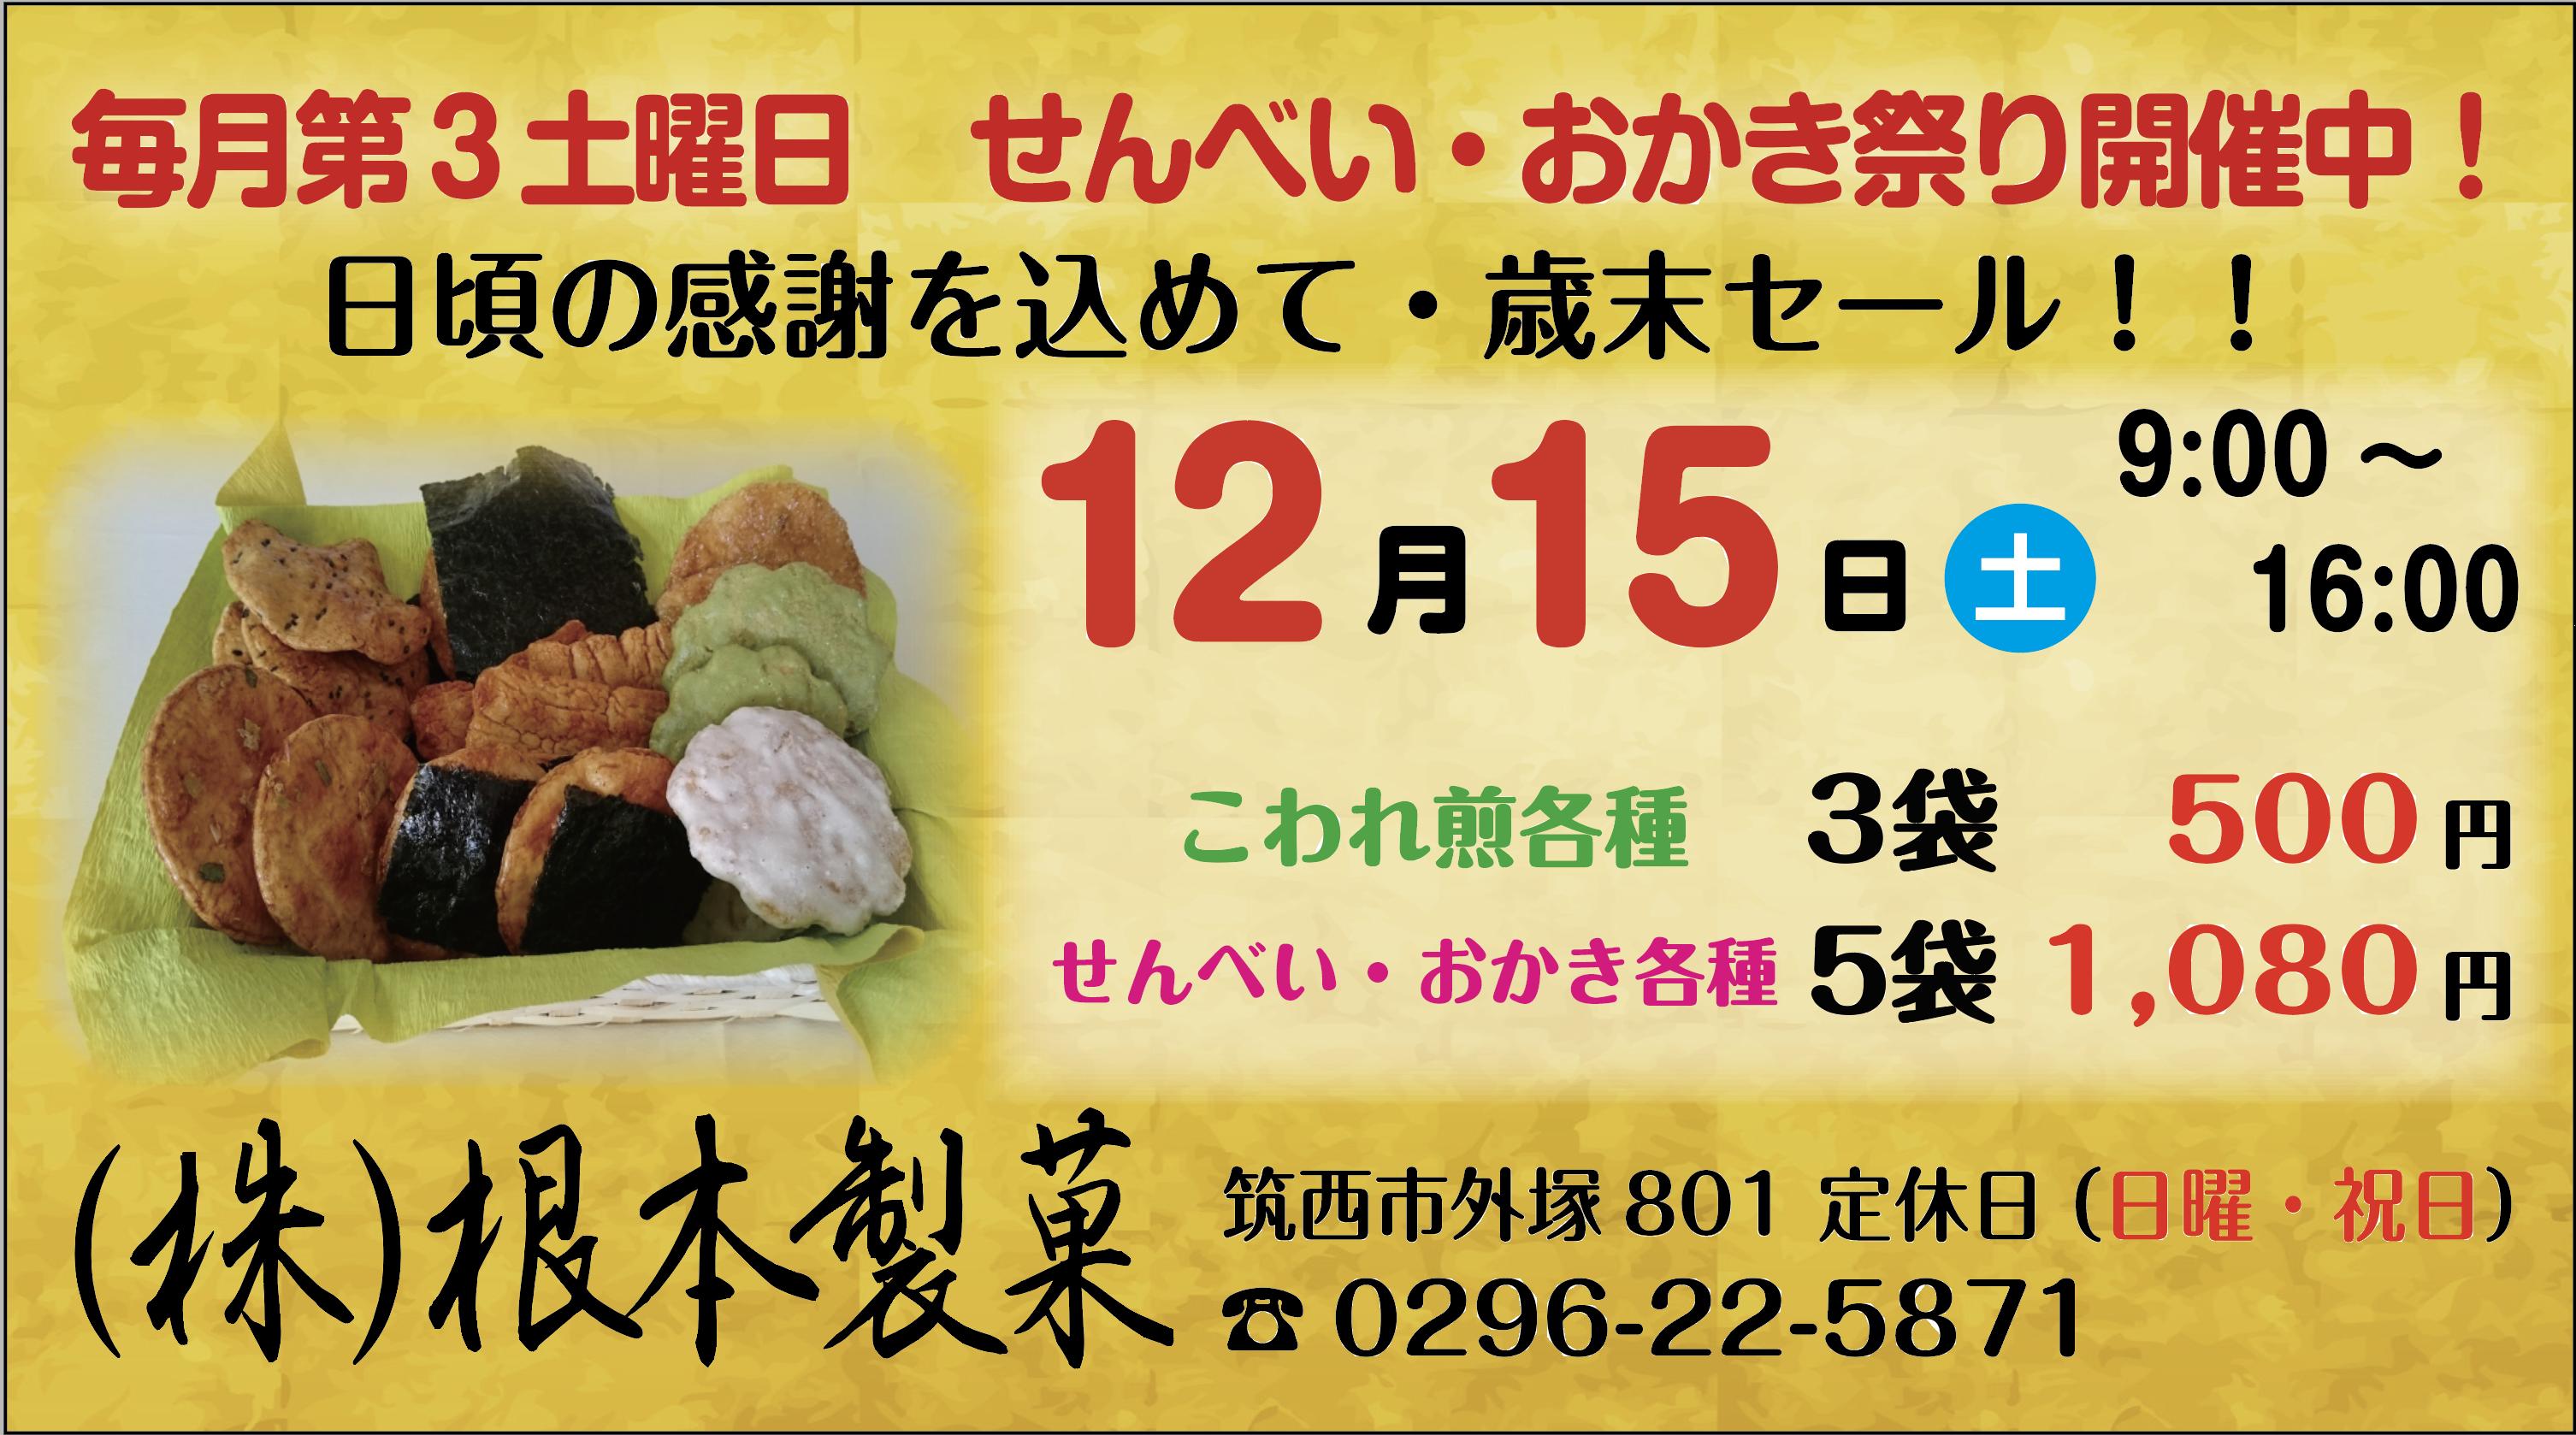 せんべい・煎餅・おかきは茨城県筑西根本製菓